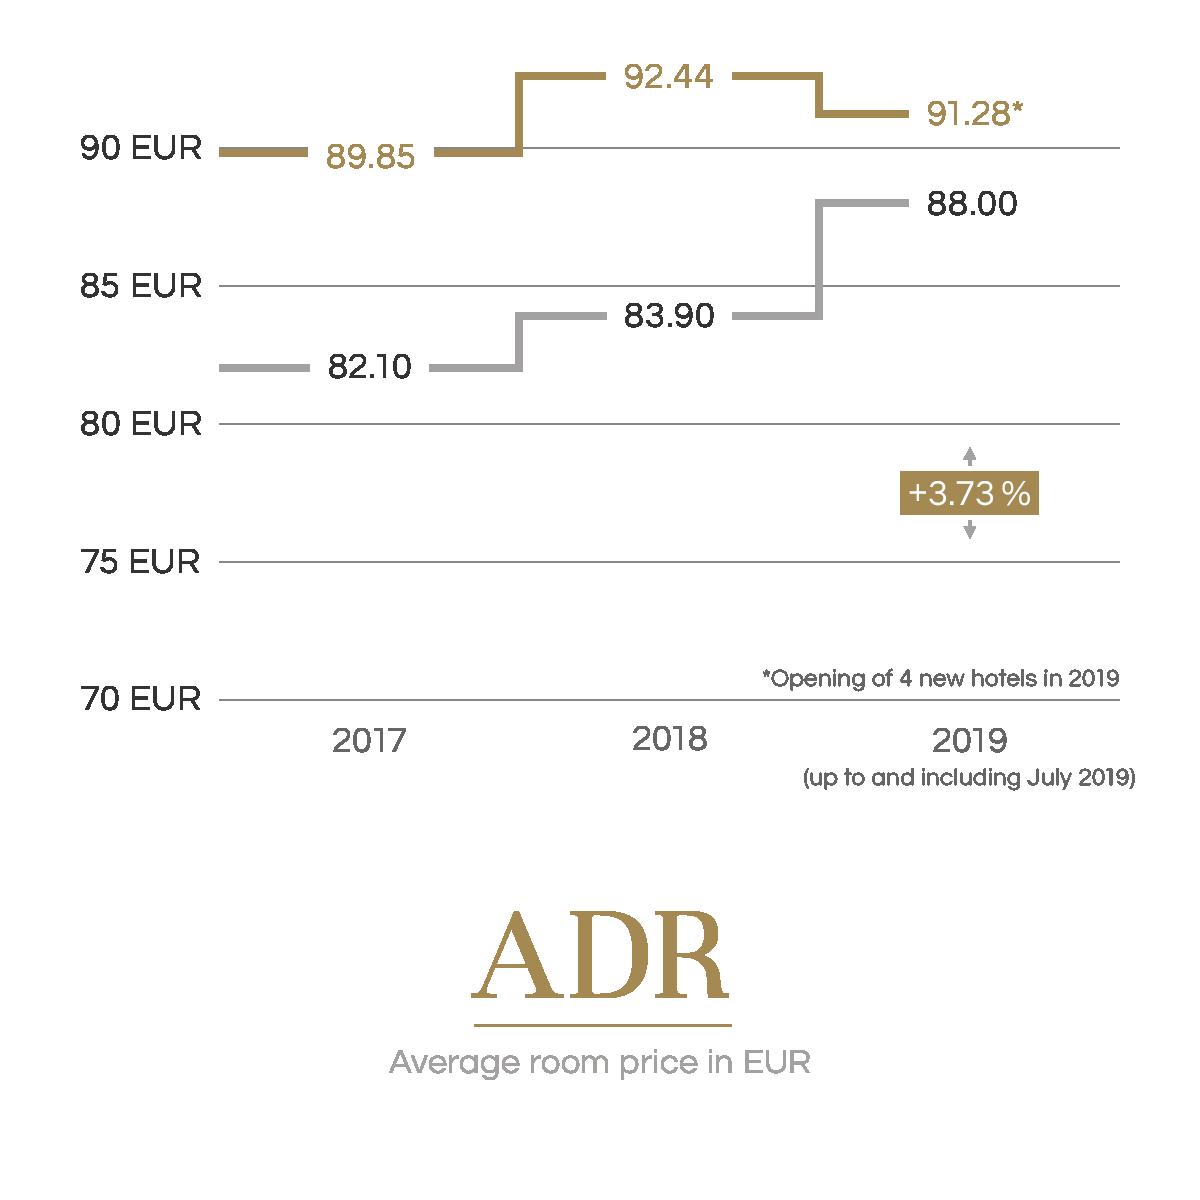 Average room price in EUR